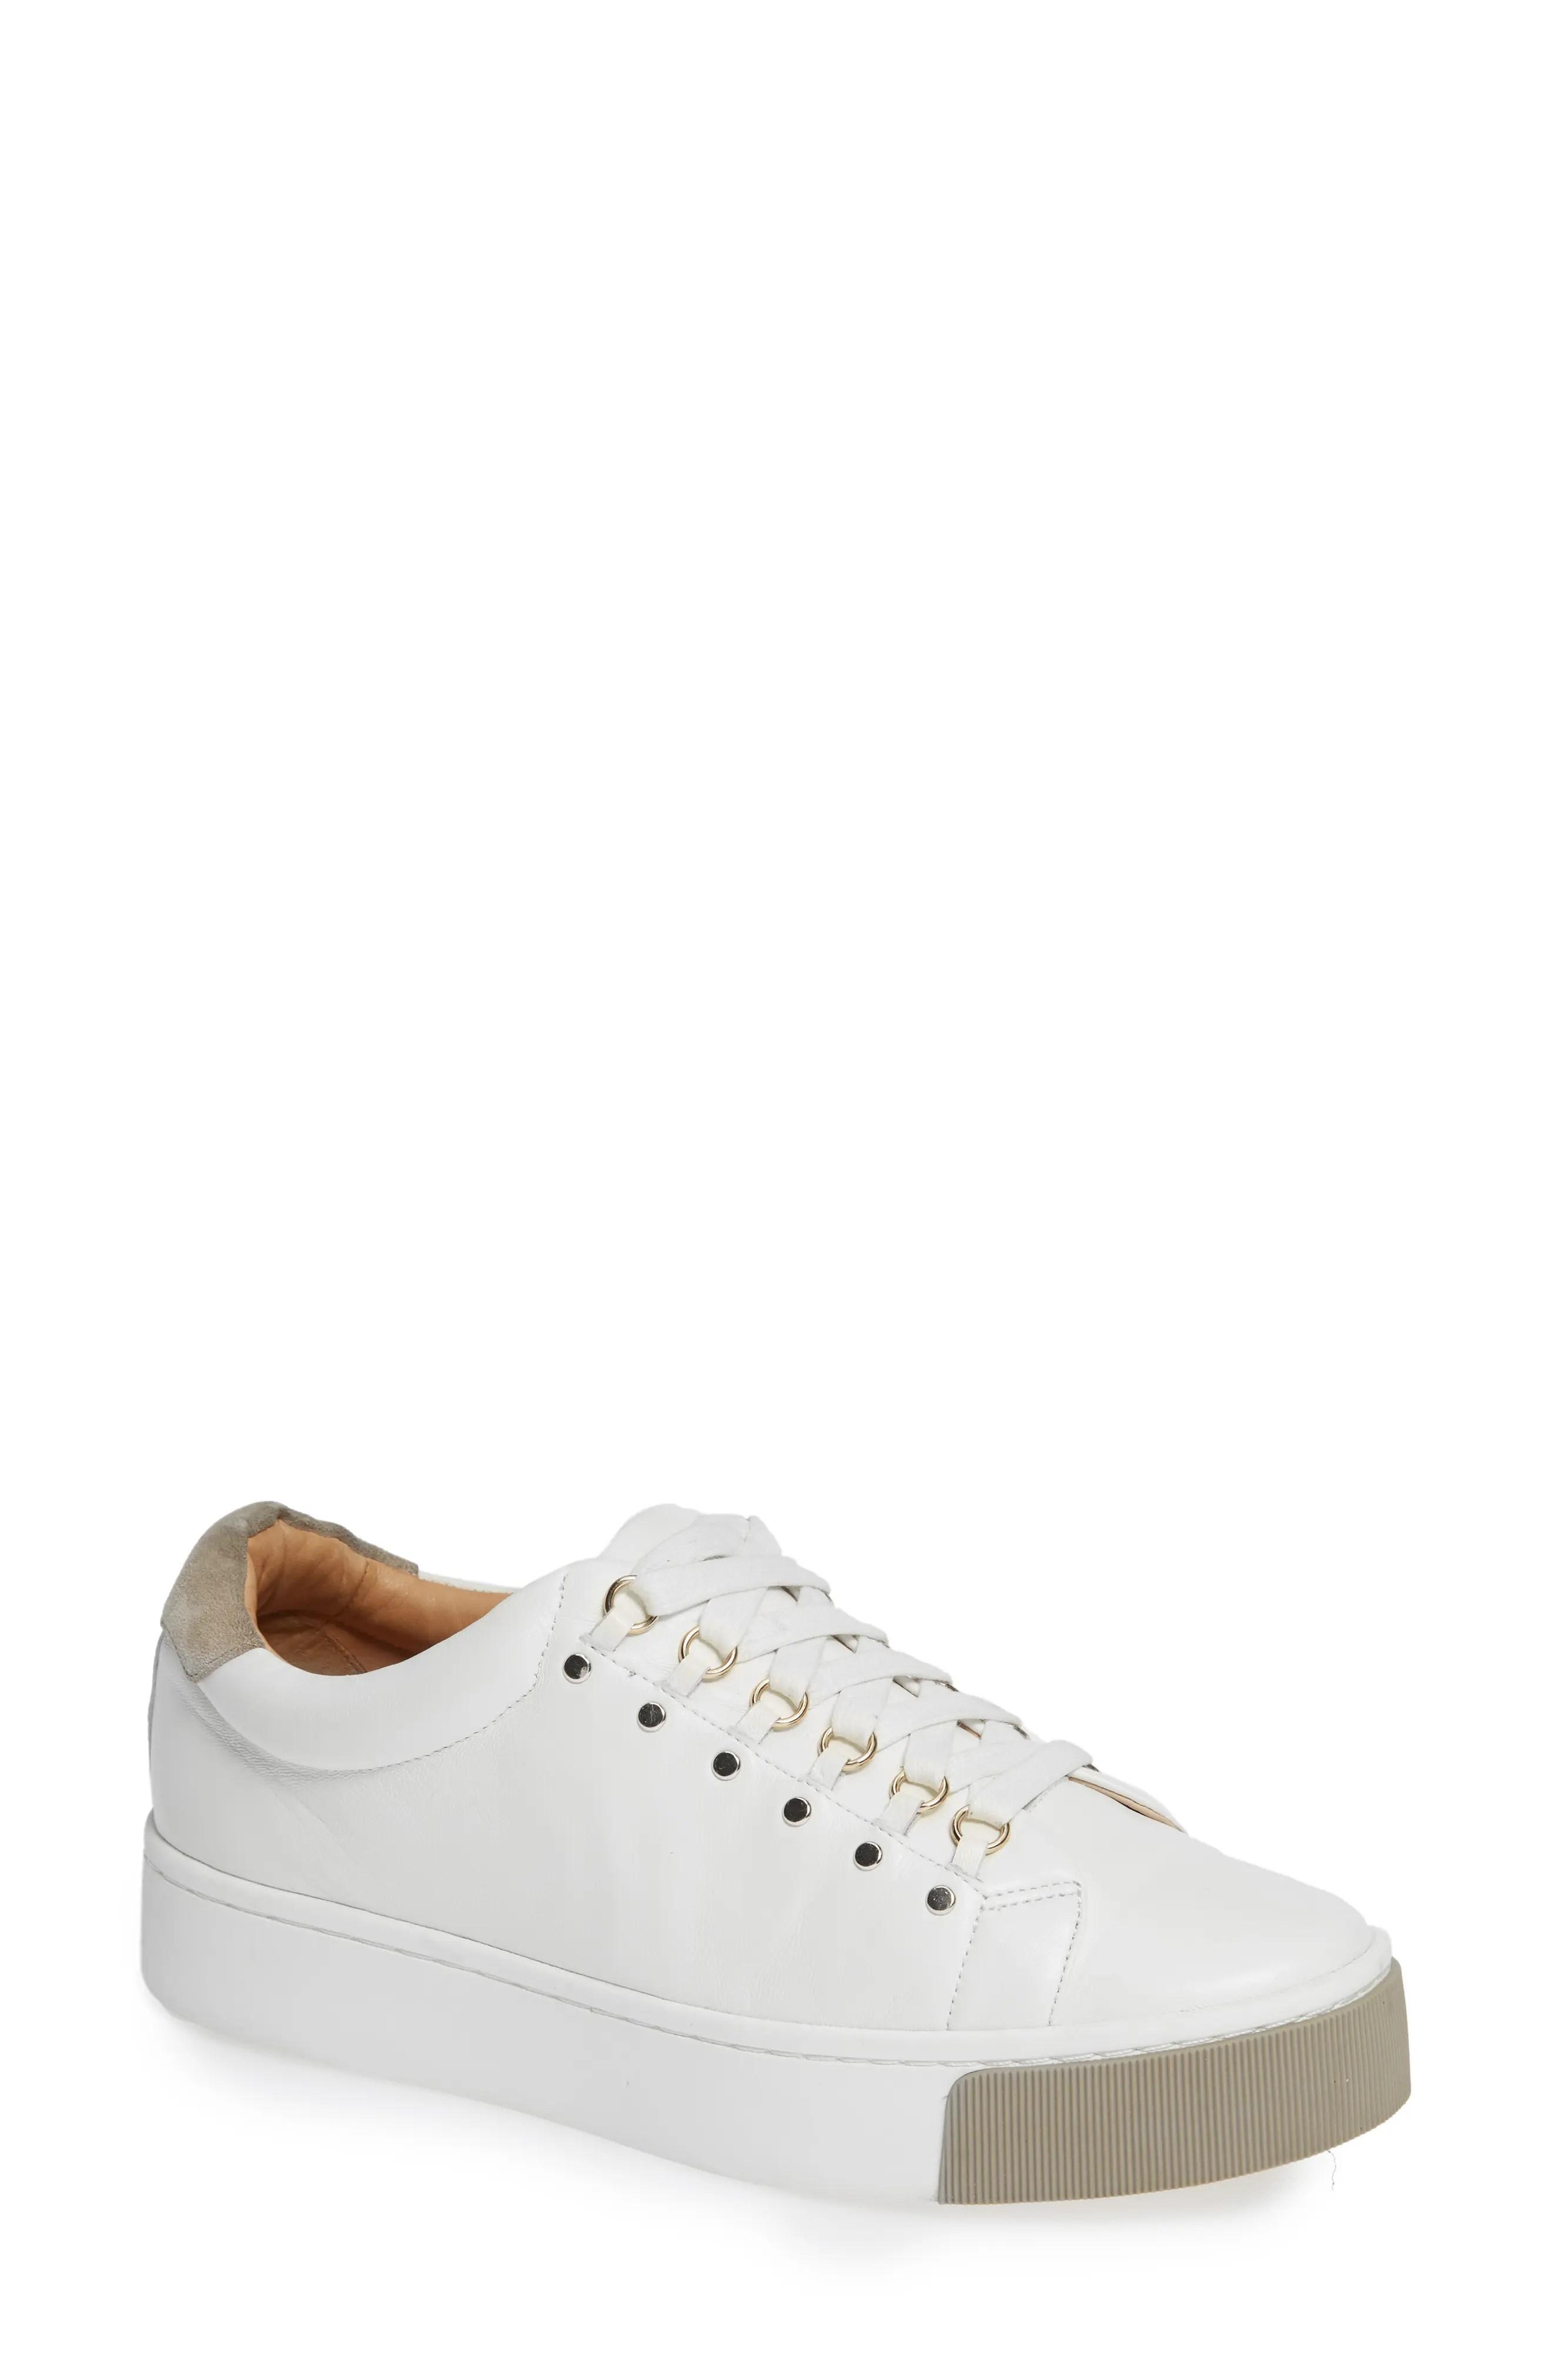 Joie handan lace up sneaker women also   shoes nordstrom rh shoprdstrom